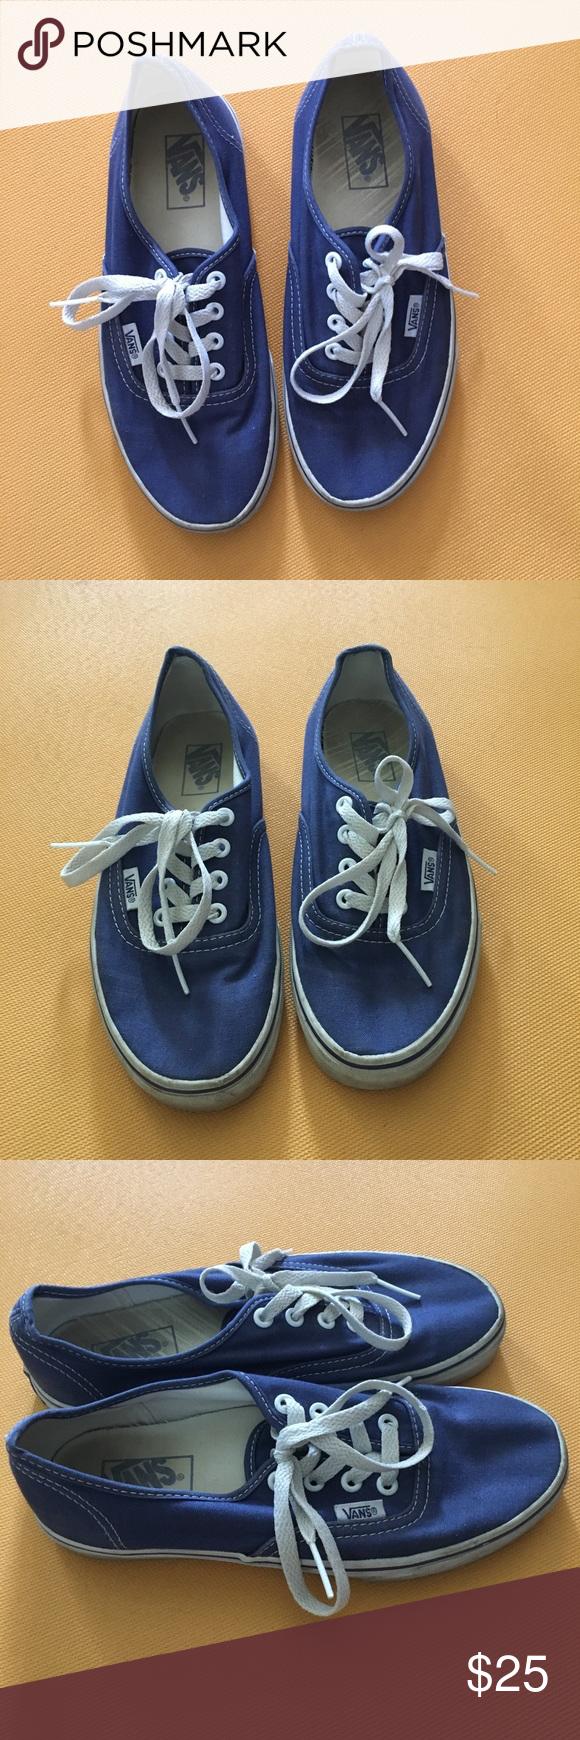 vans shoes women size 7